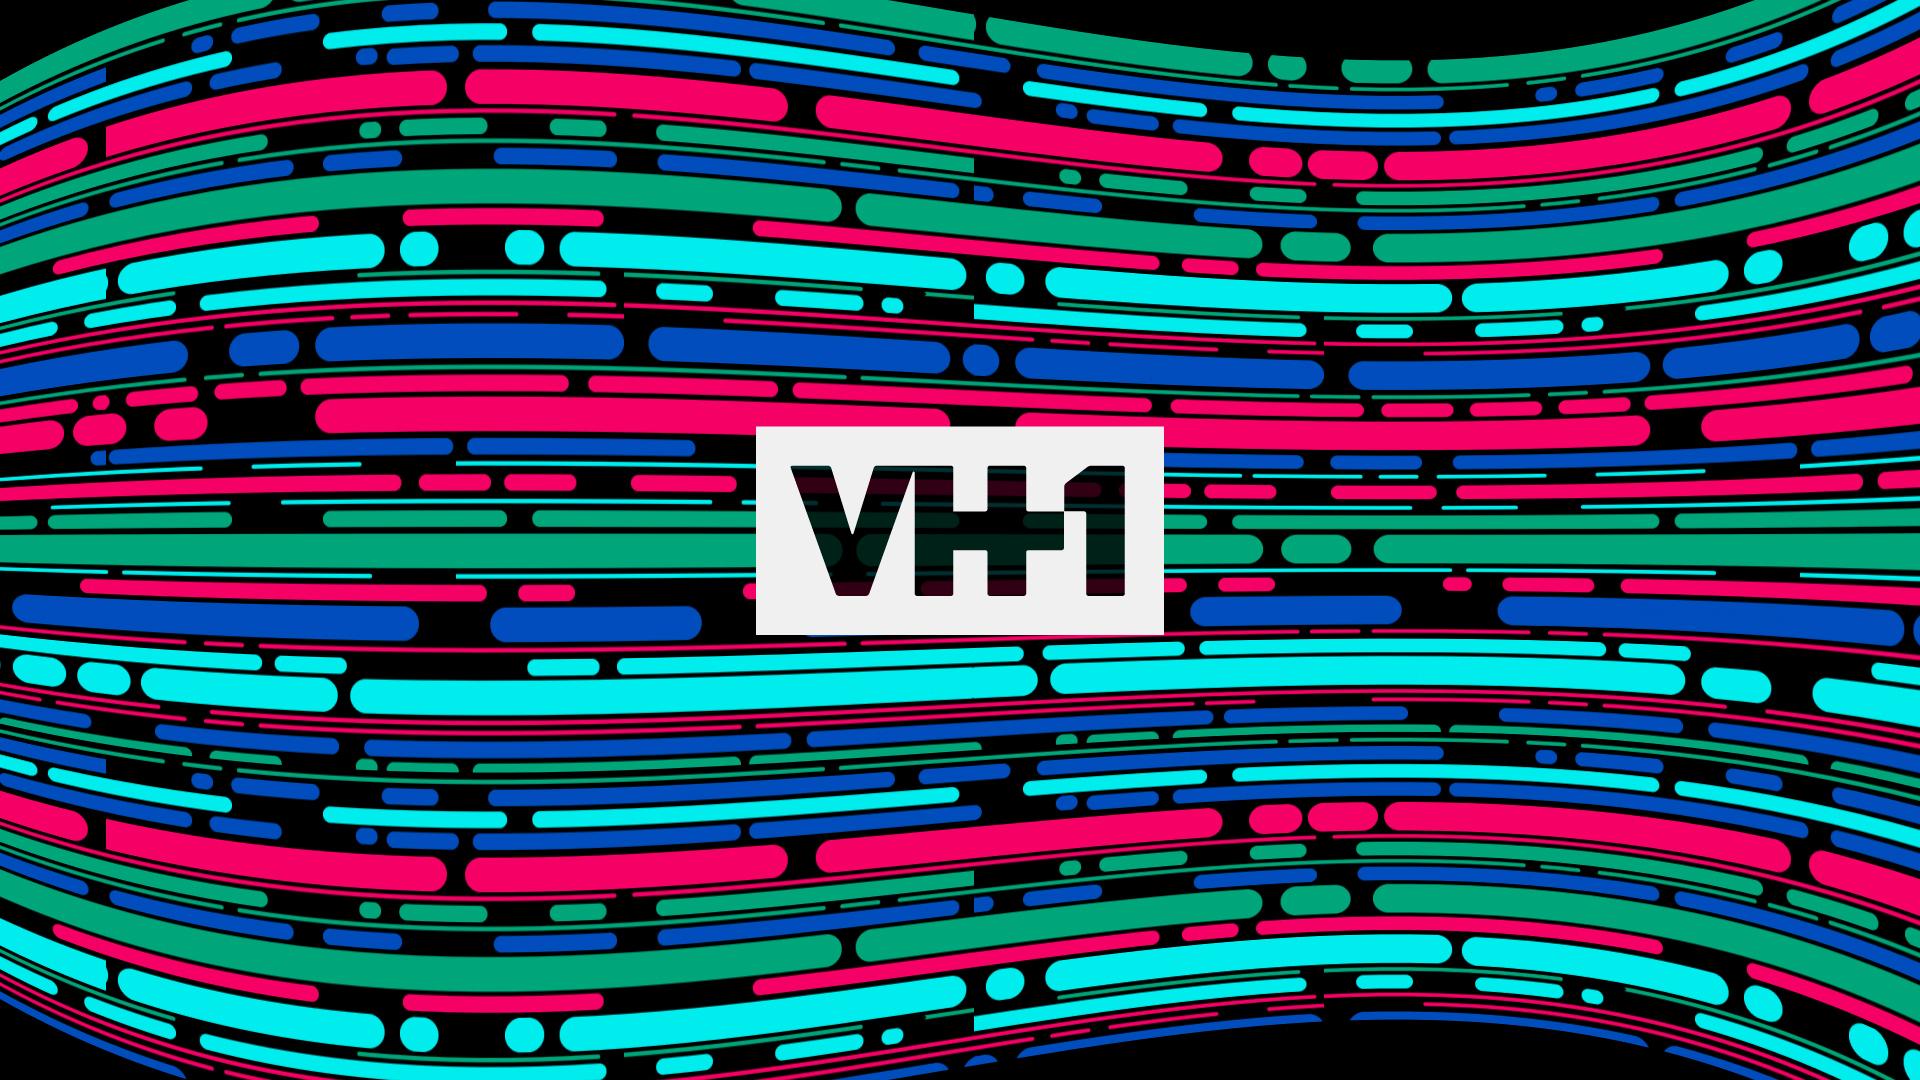 Vh1 Channel Identity Refresh